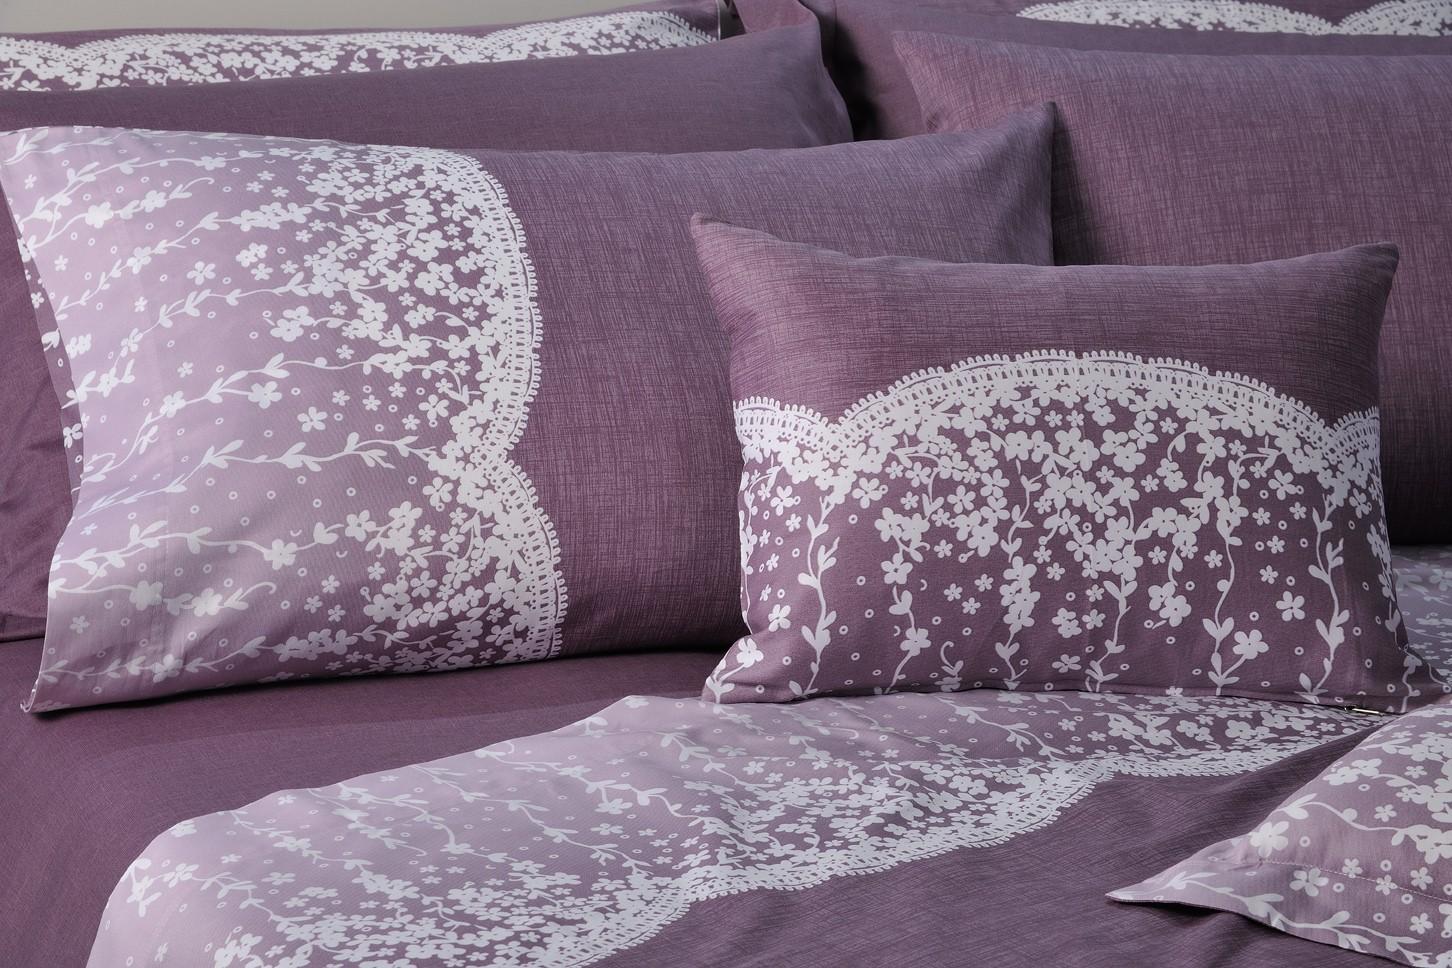 Σεντόνια Υπέρδιπλα (Σετ) Down Town Lace Purple S 622